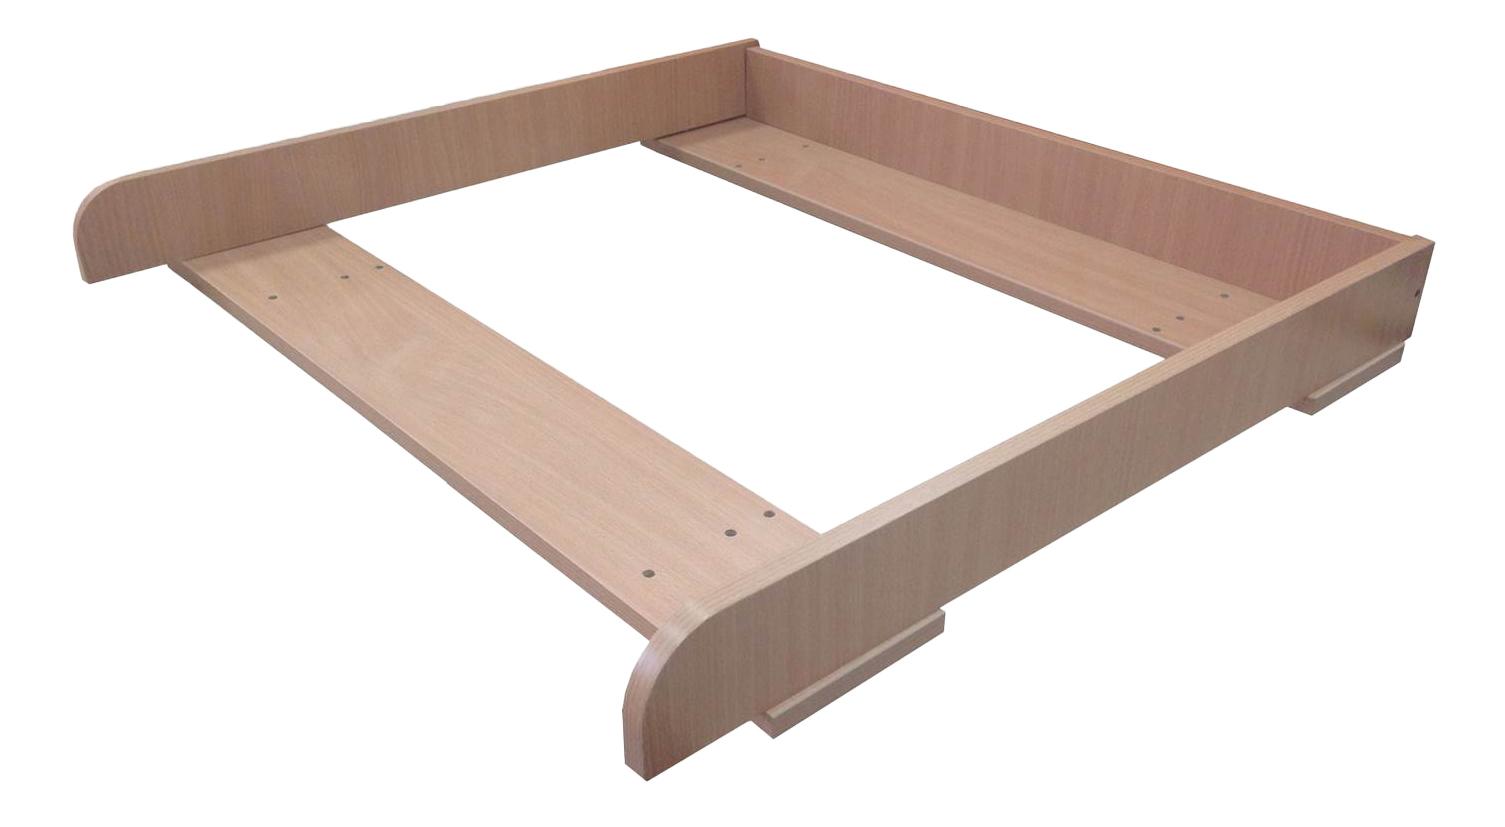 Купить Рамка для пеленания на комод бук, Пеленальная доска IKEA Рамка для пеленания на комод бук, Пеленальные доски